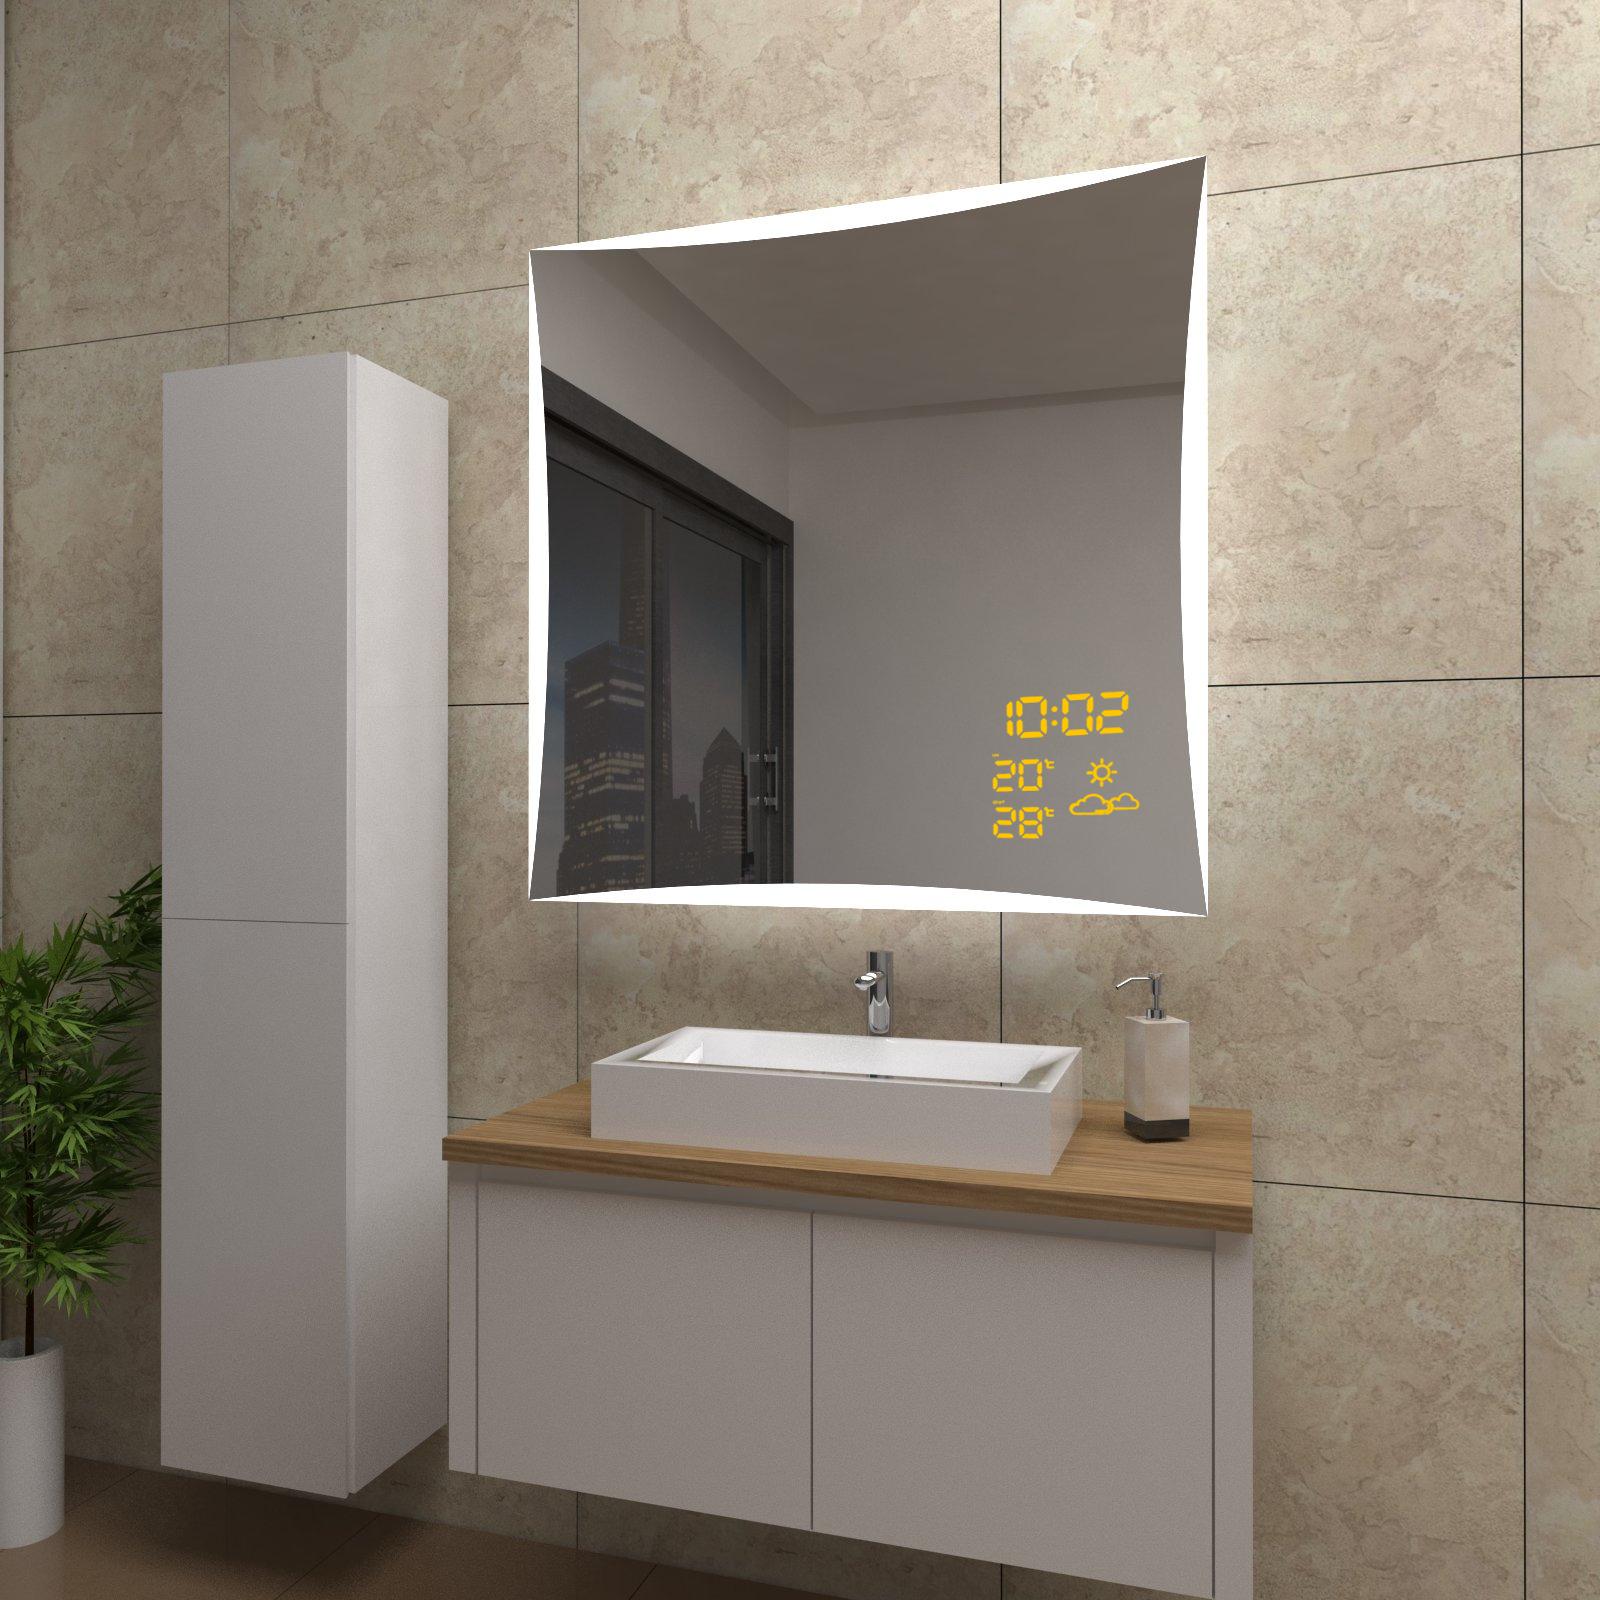 spiegel quinn mit led beleuchtung und wetterstation inkl. Black Bedroom Furniture Sets. Home Design Ideas